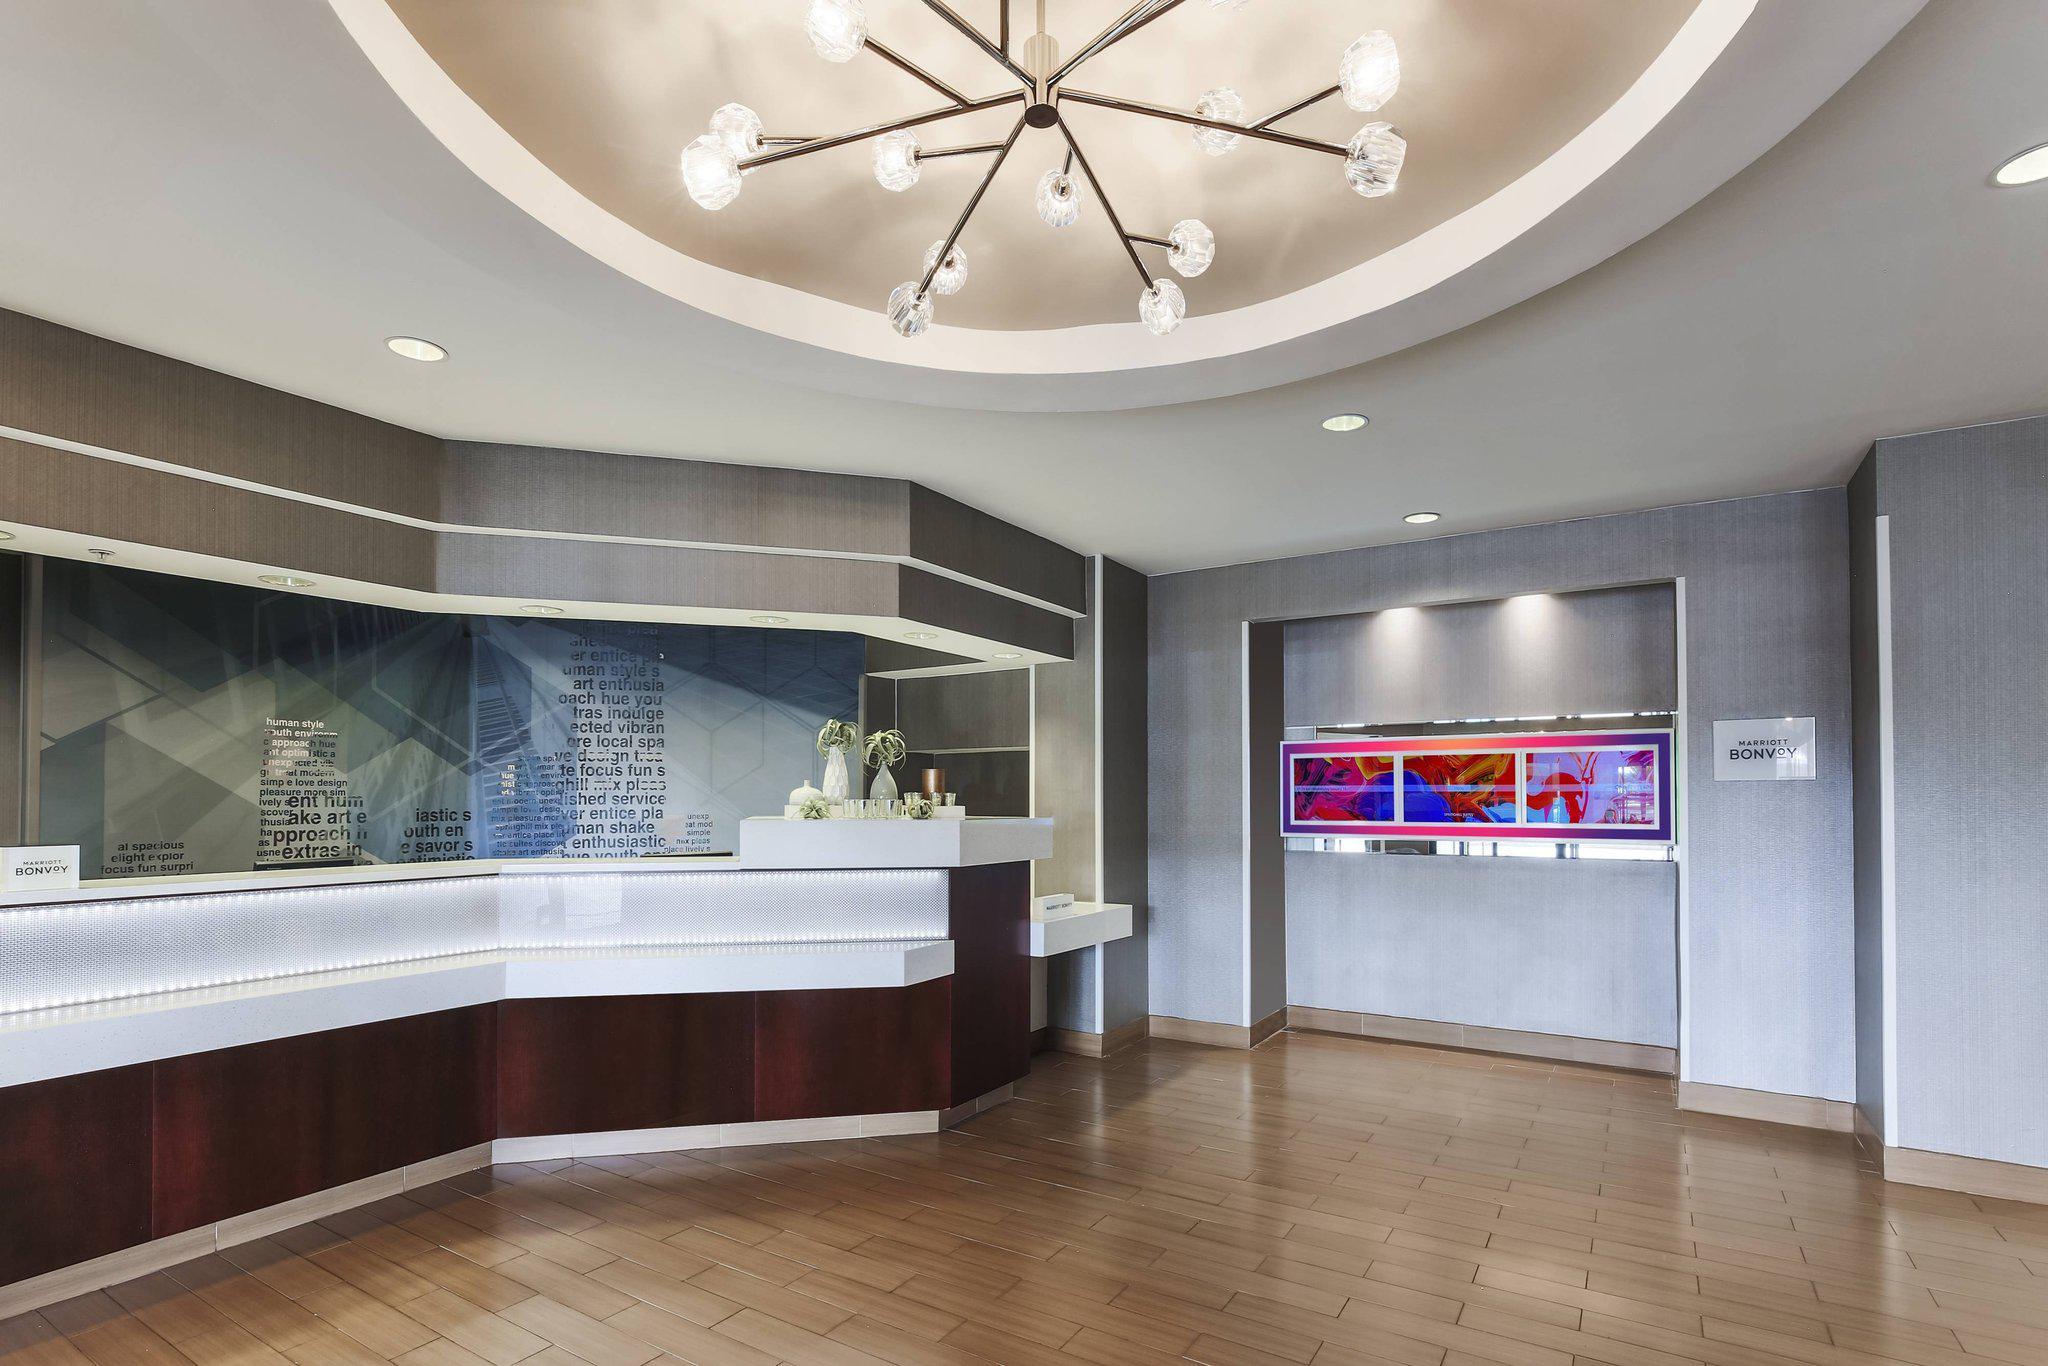 SpringHill Suites by Marriott Austin Parmer/Tech Ridge